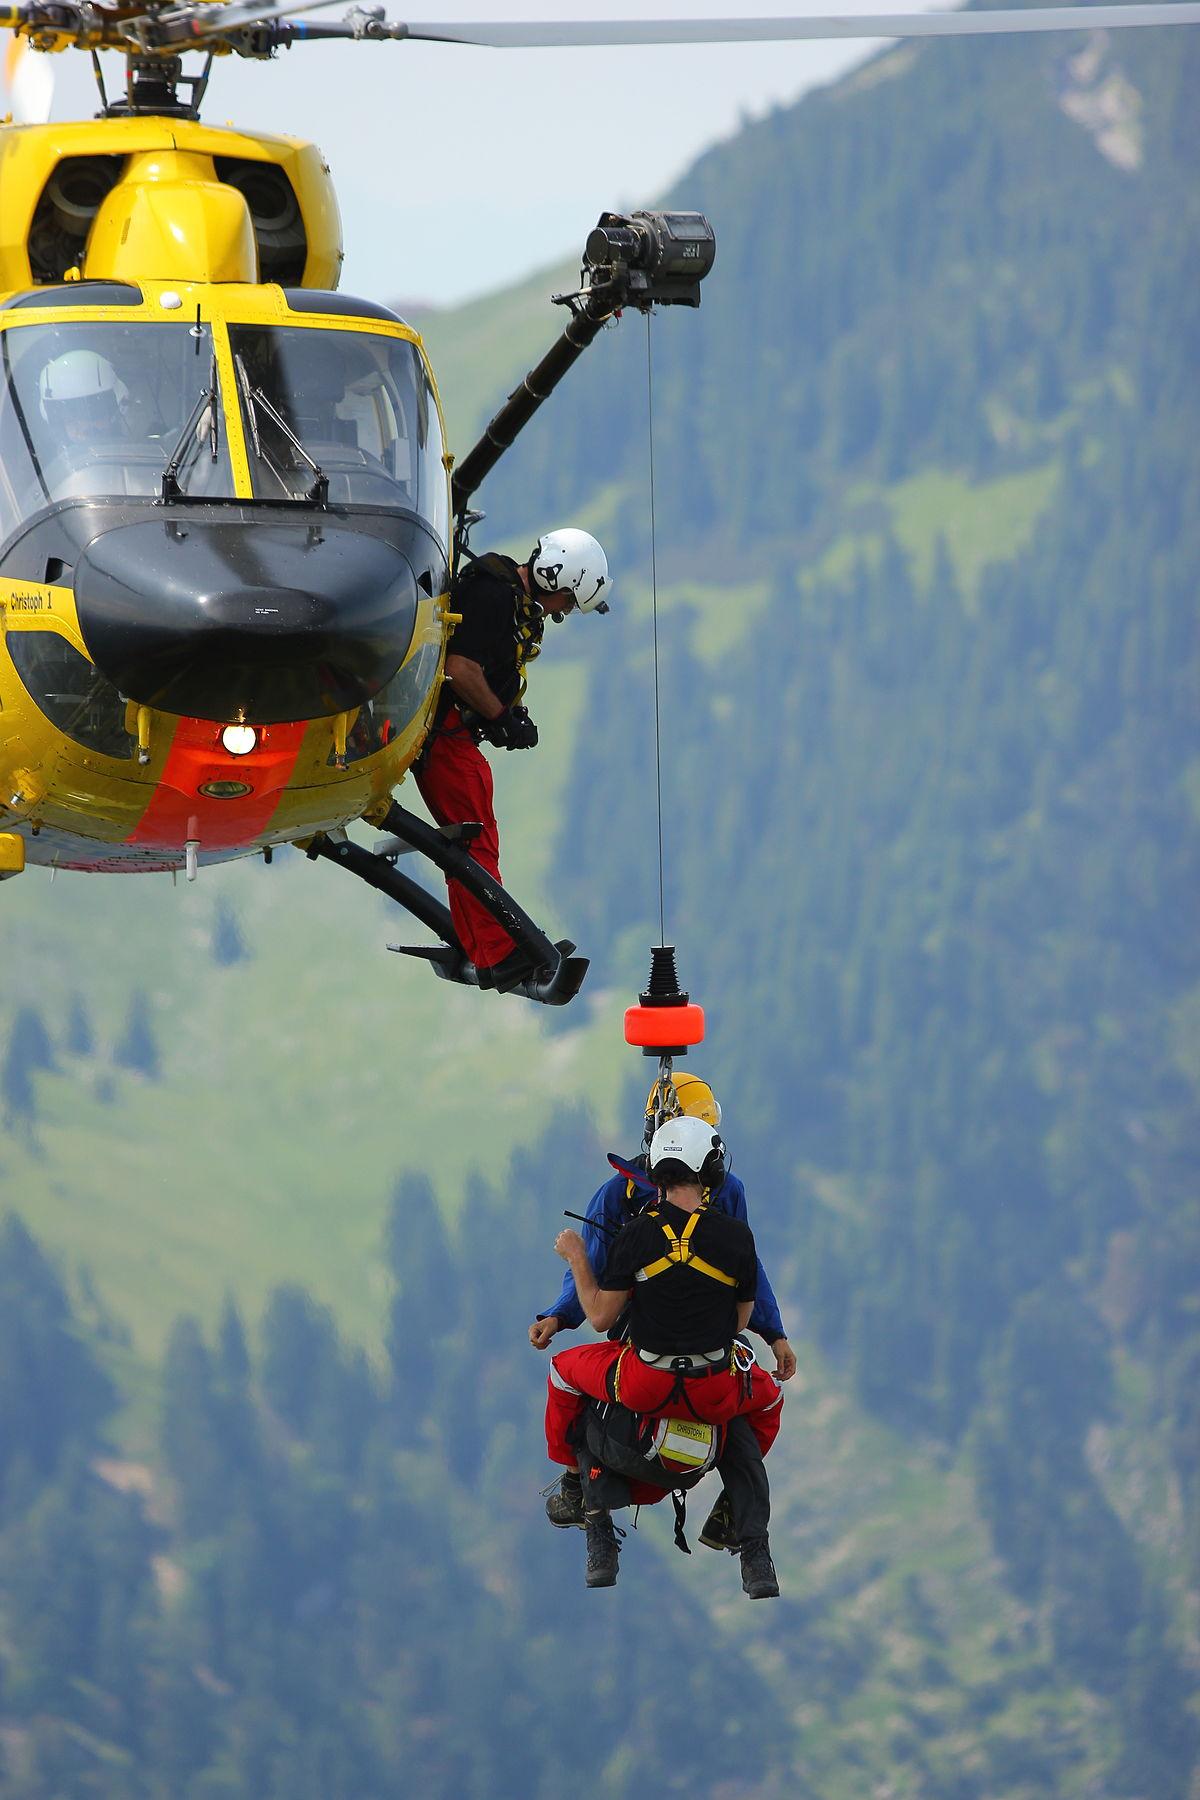 L Elicottero Posizione : Guardia costiera sarzana luni ª sezione volo elicotteri